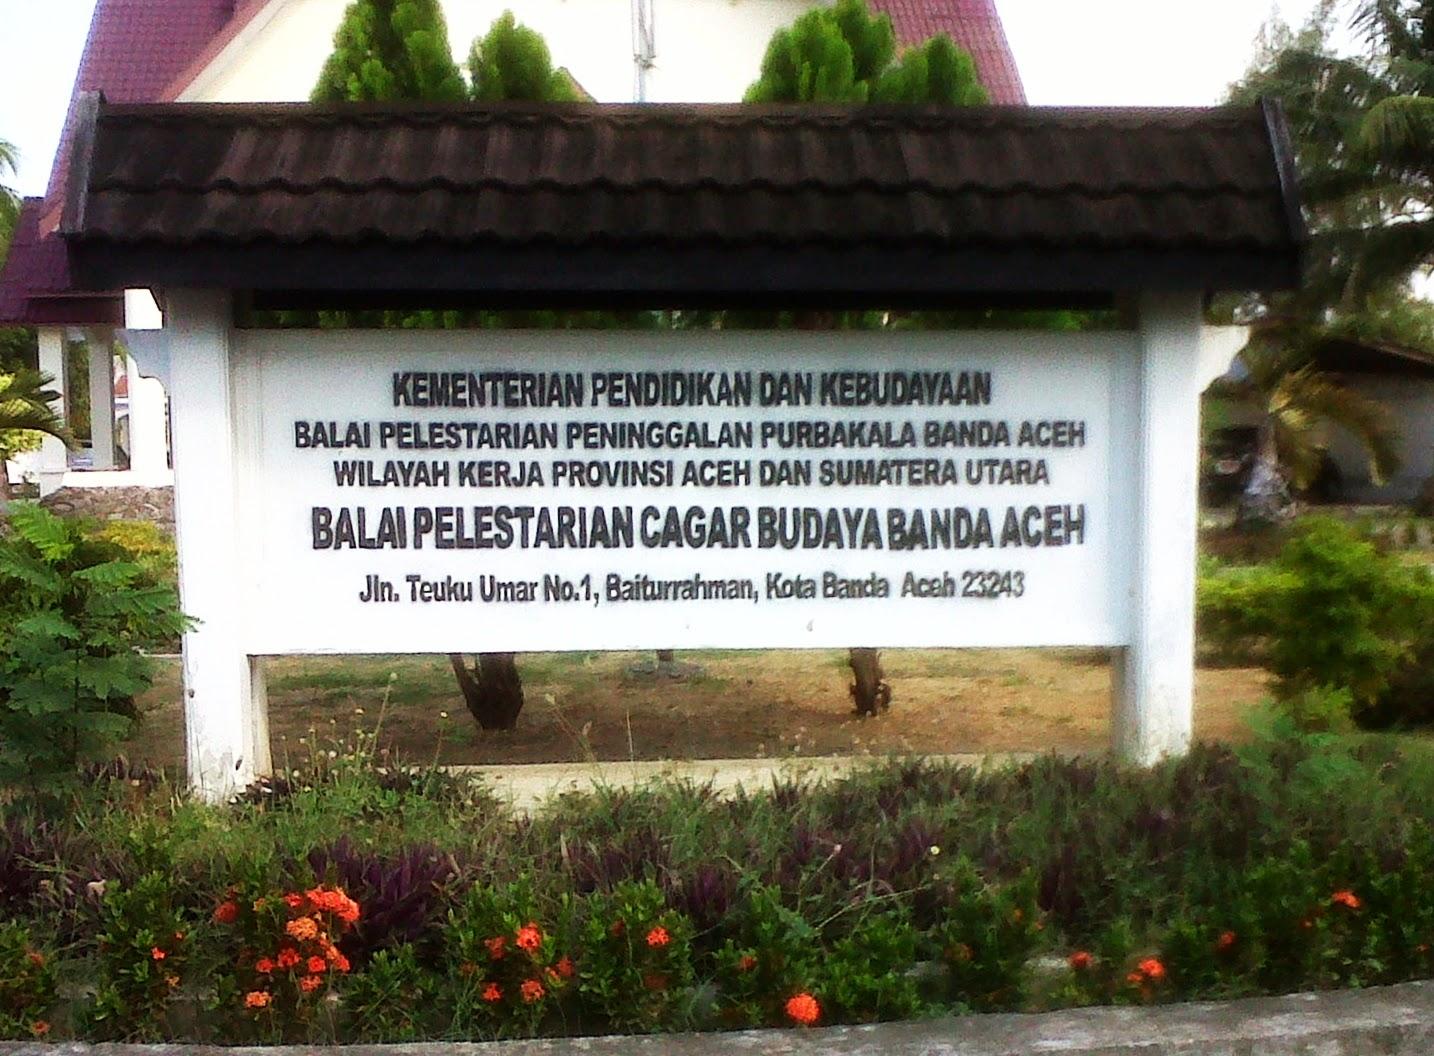 Gunongan Bukti Cinta Sultan Kharismatik Aceh Musikanegri Nah Sebelum Perjalanan